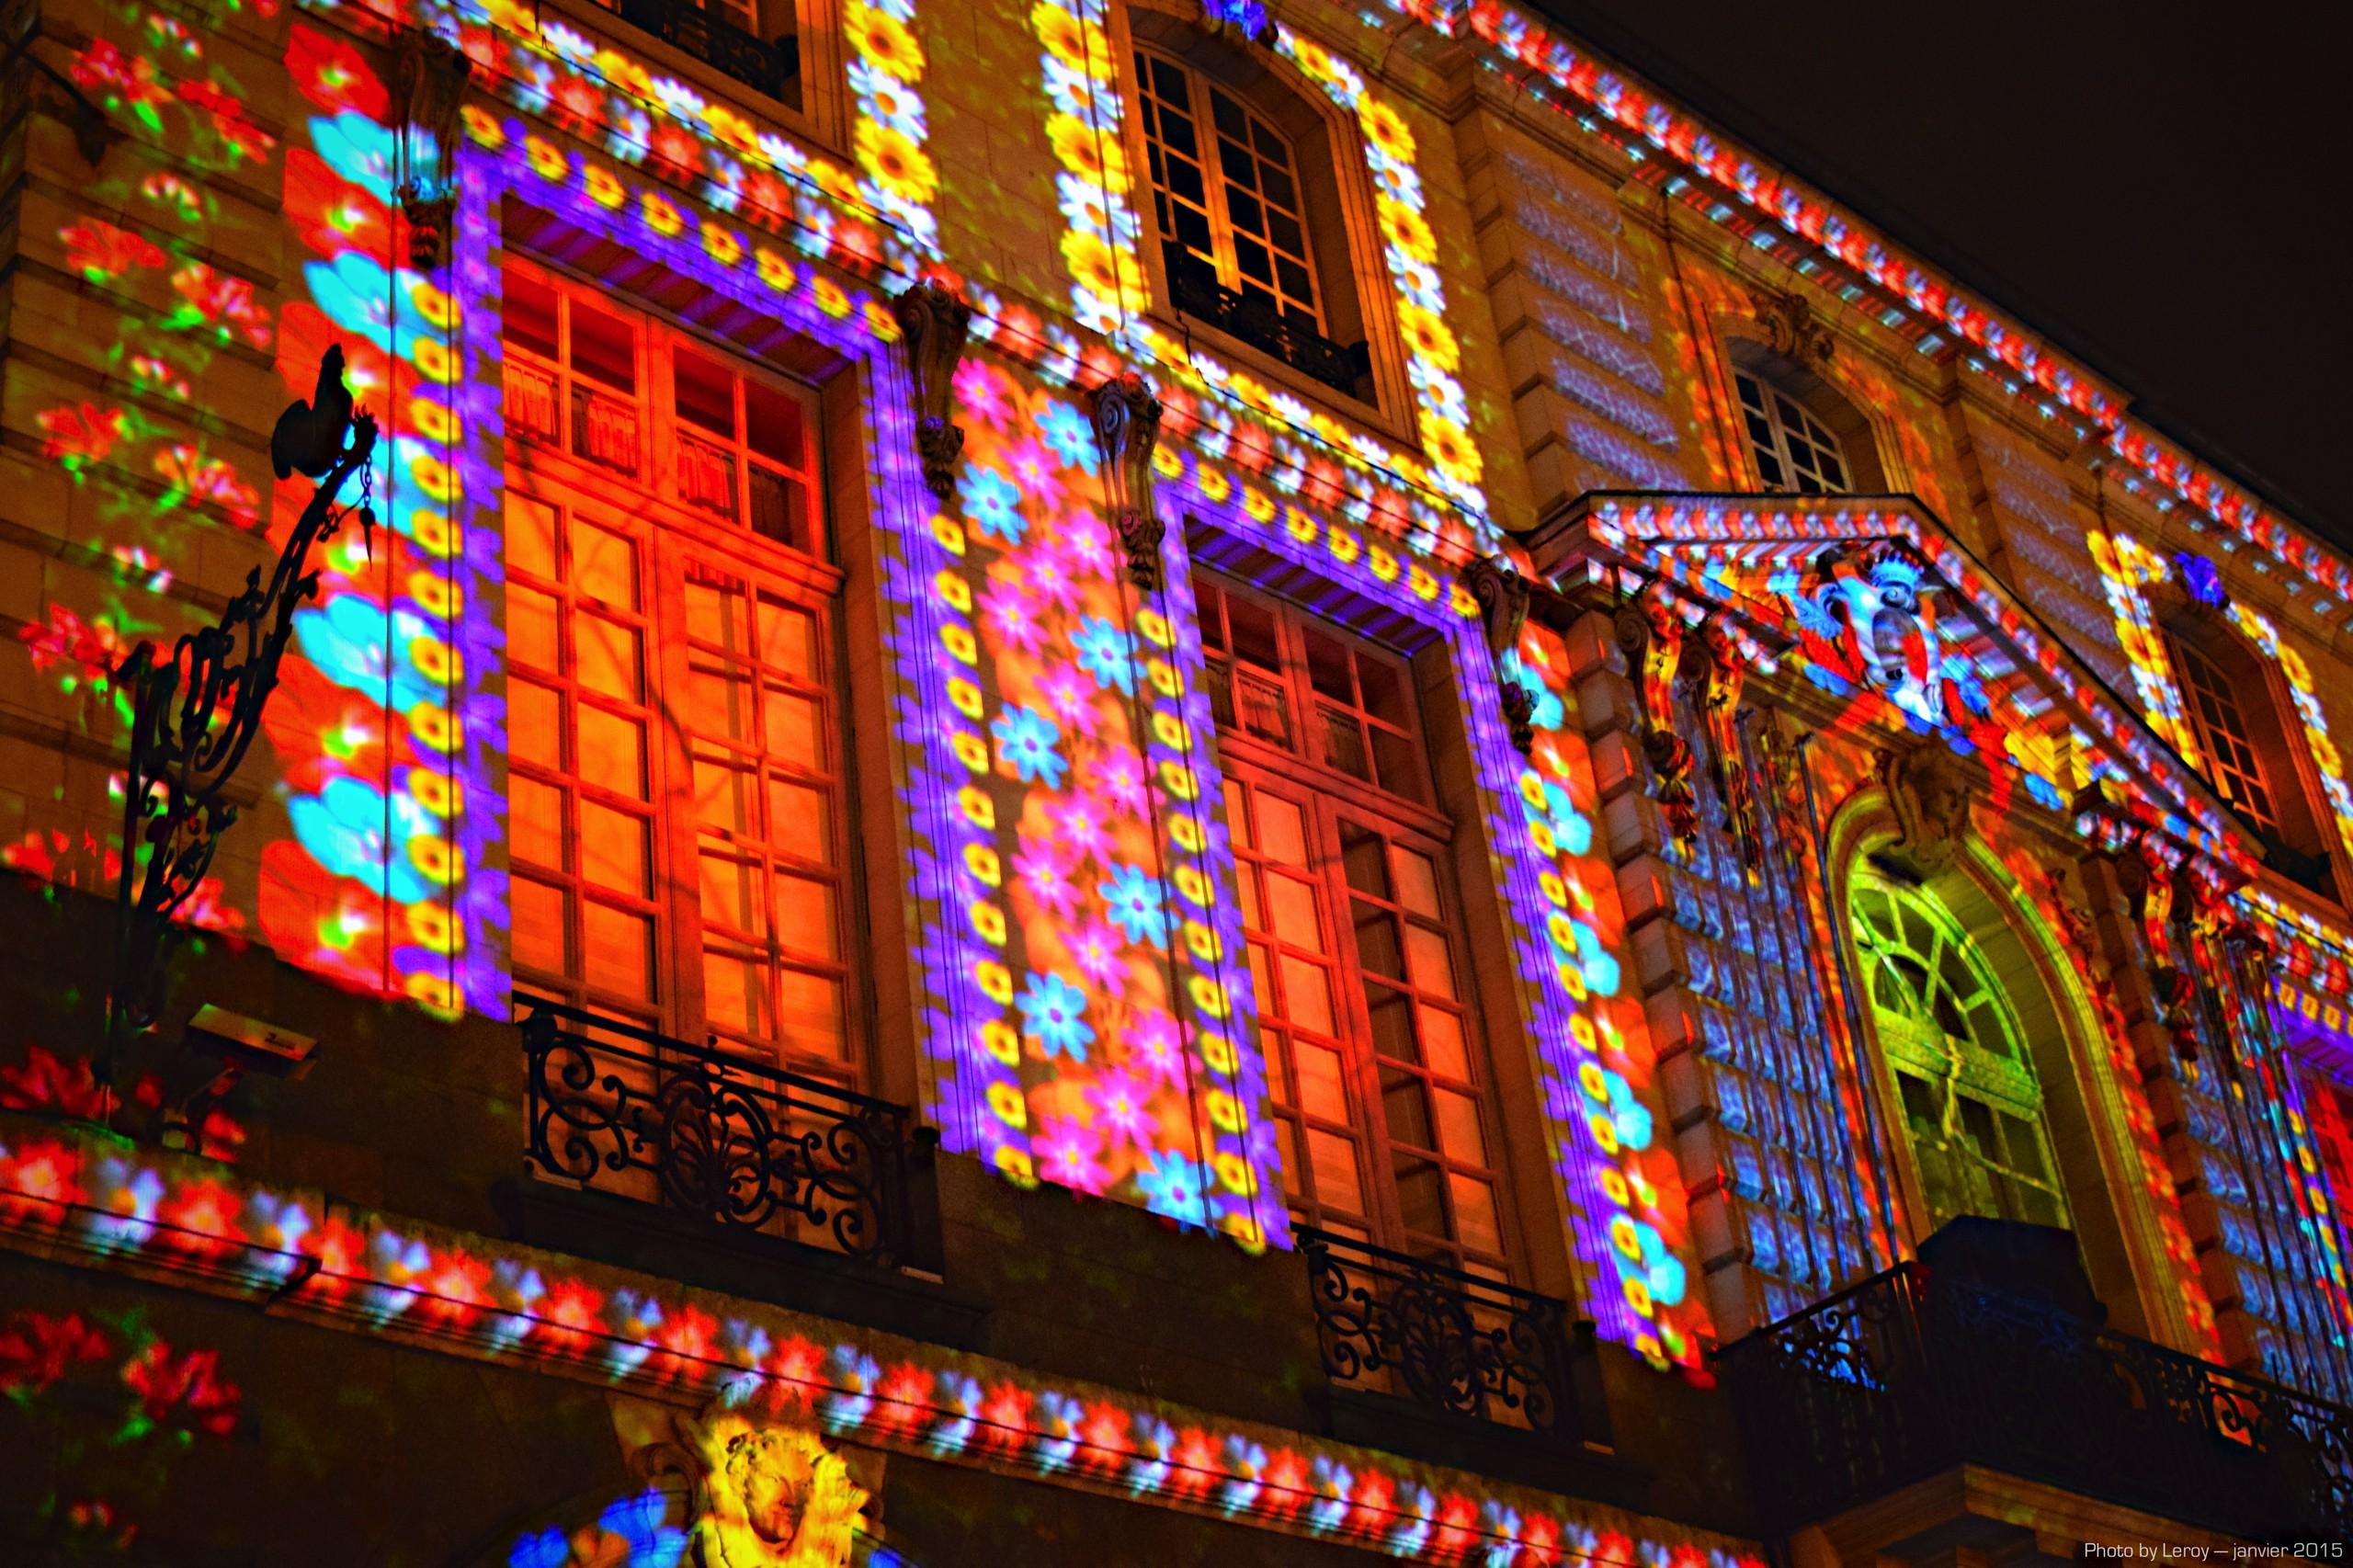 Les_lumières_de_la_ville_06.jpg